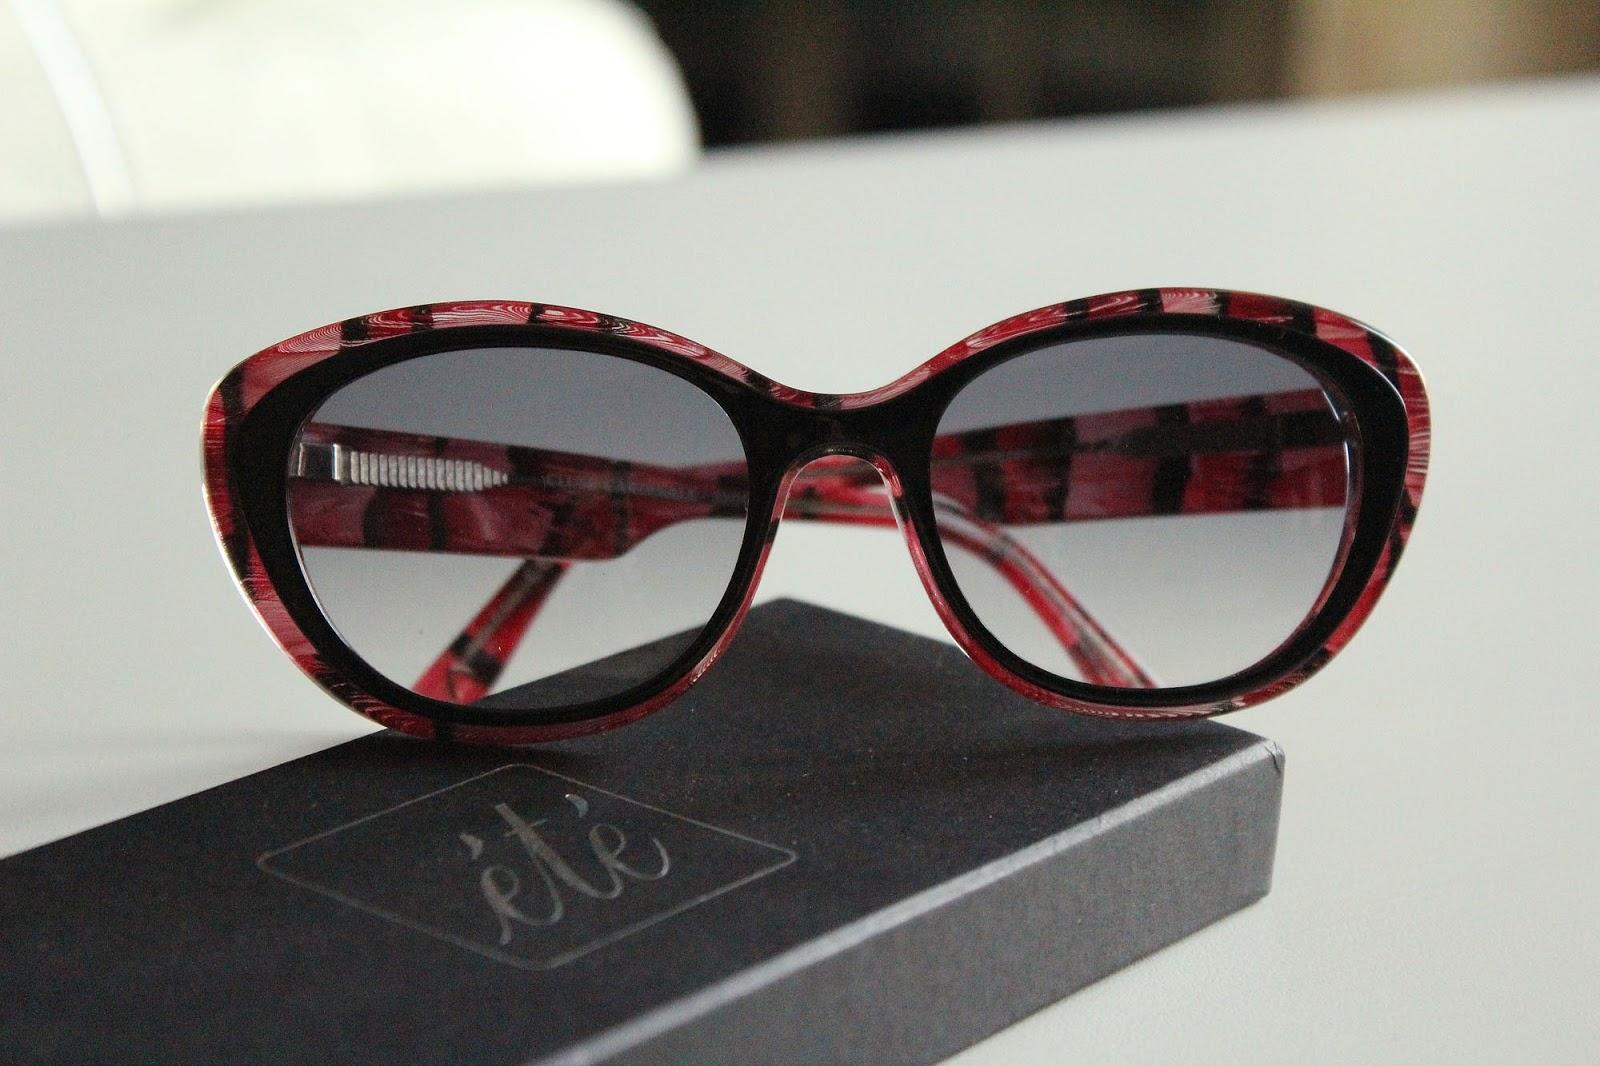 Eniwhere Fashion - Été Lunettes - Le Piume - Cluse Cardinale